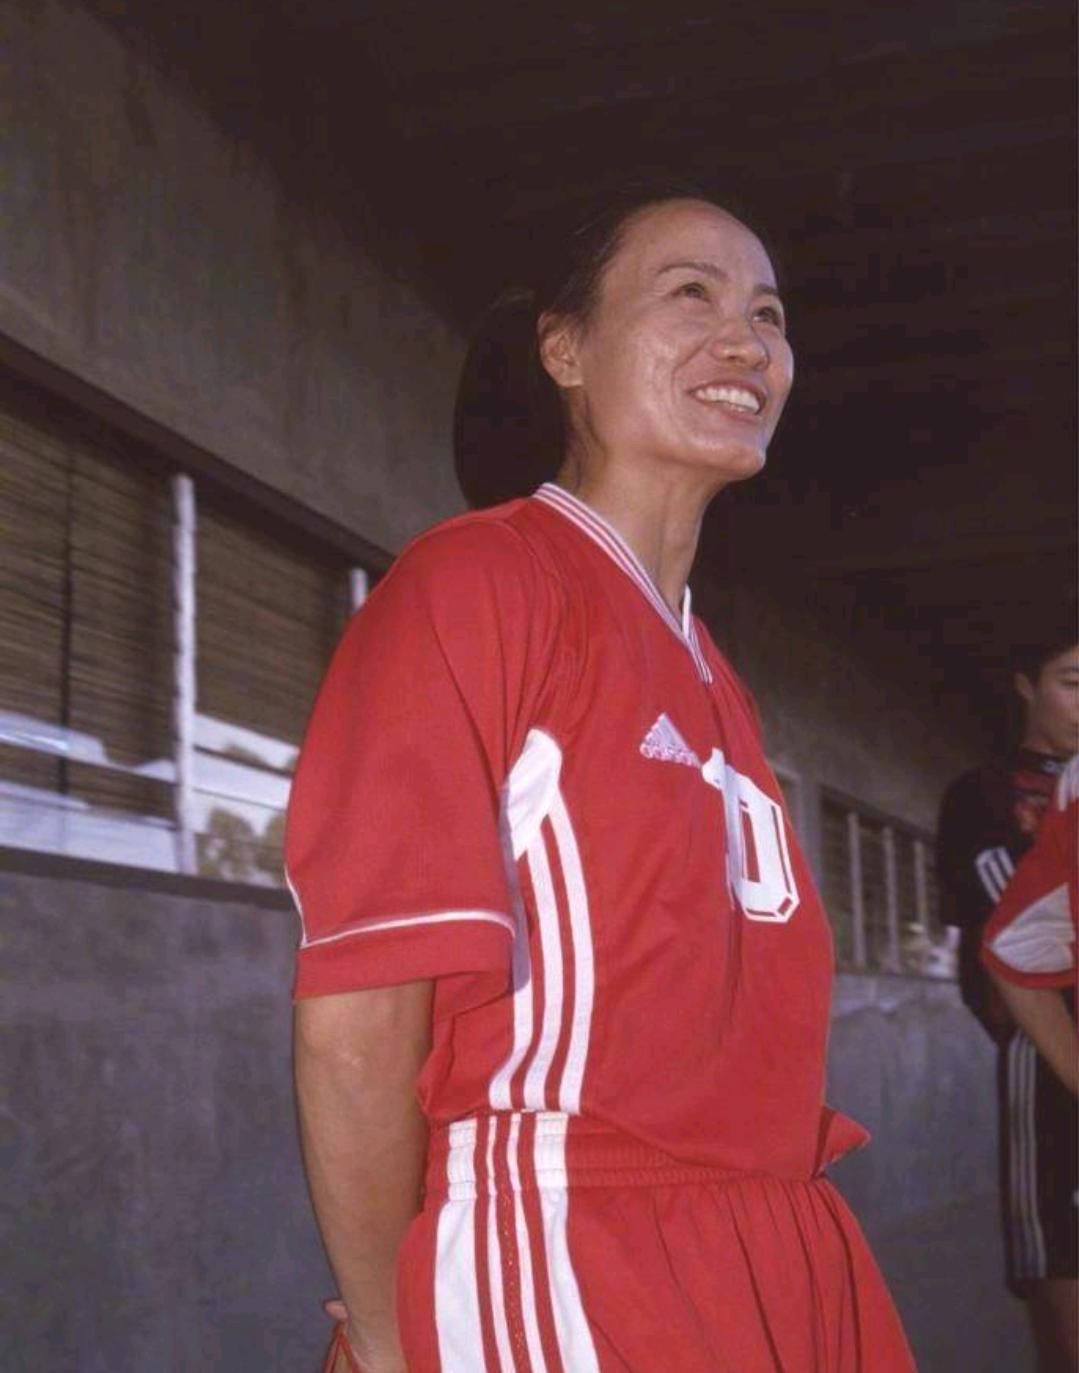 今天是前中国女足球员刘爱玲的生日,亚足联与国际足联送上祝福